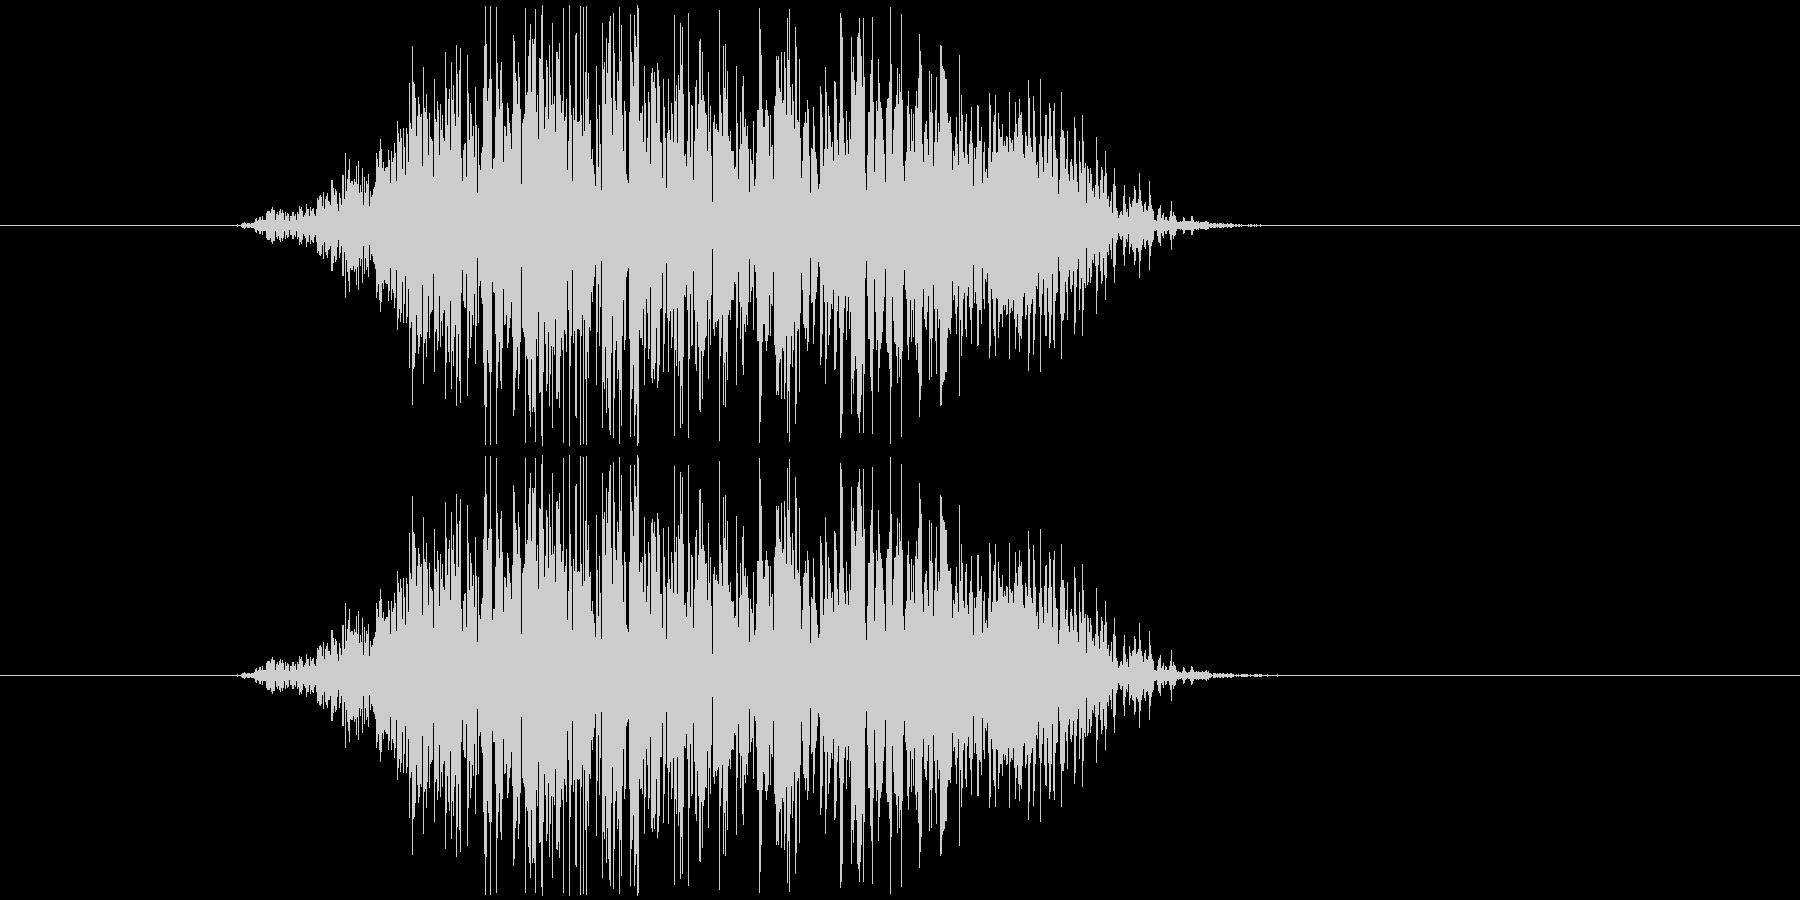 鳴き声 男性コンバットヒットハード06の未再生の波形